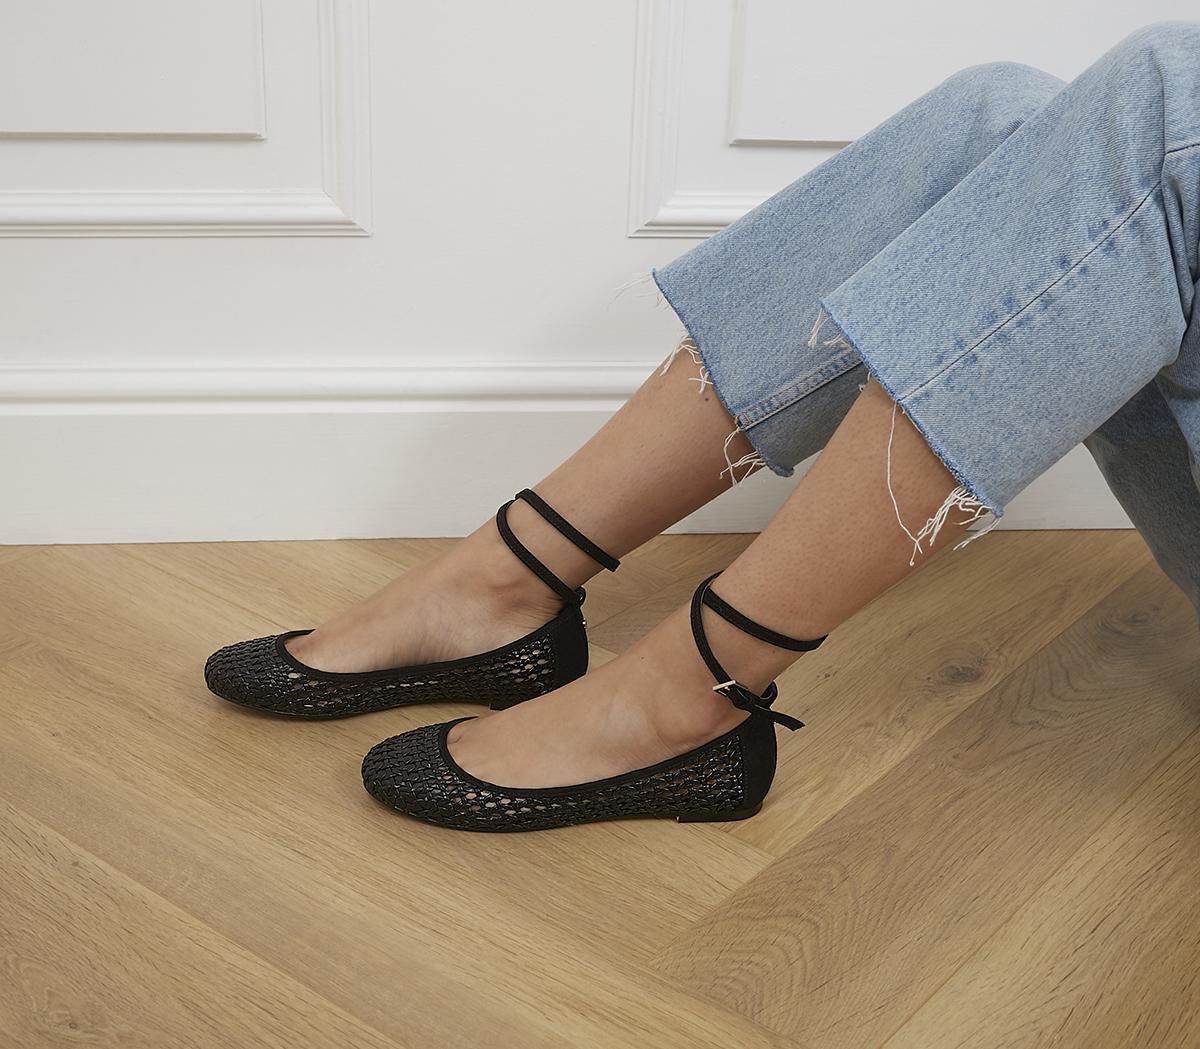 Fiction Ankle Strap Ballerina Pumps